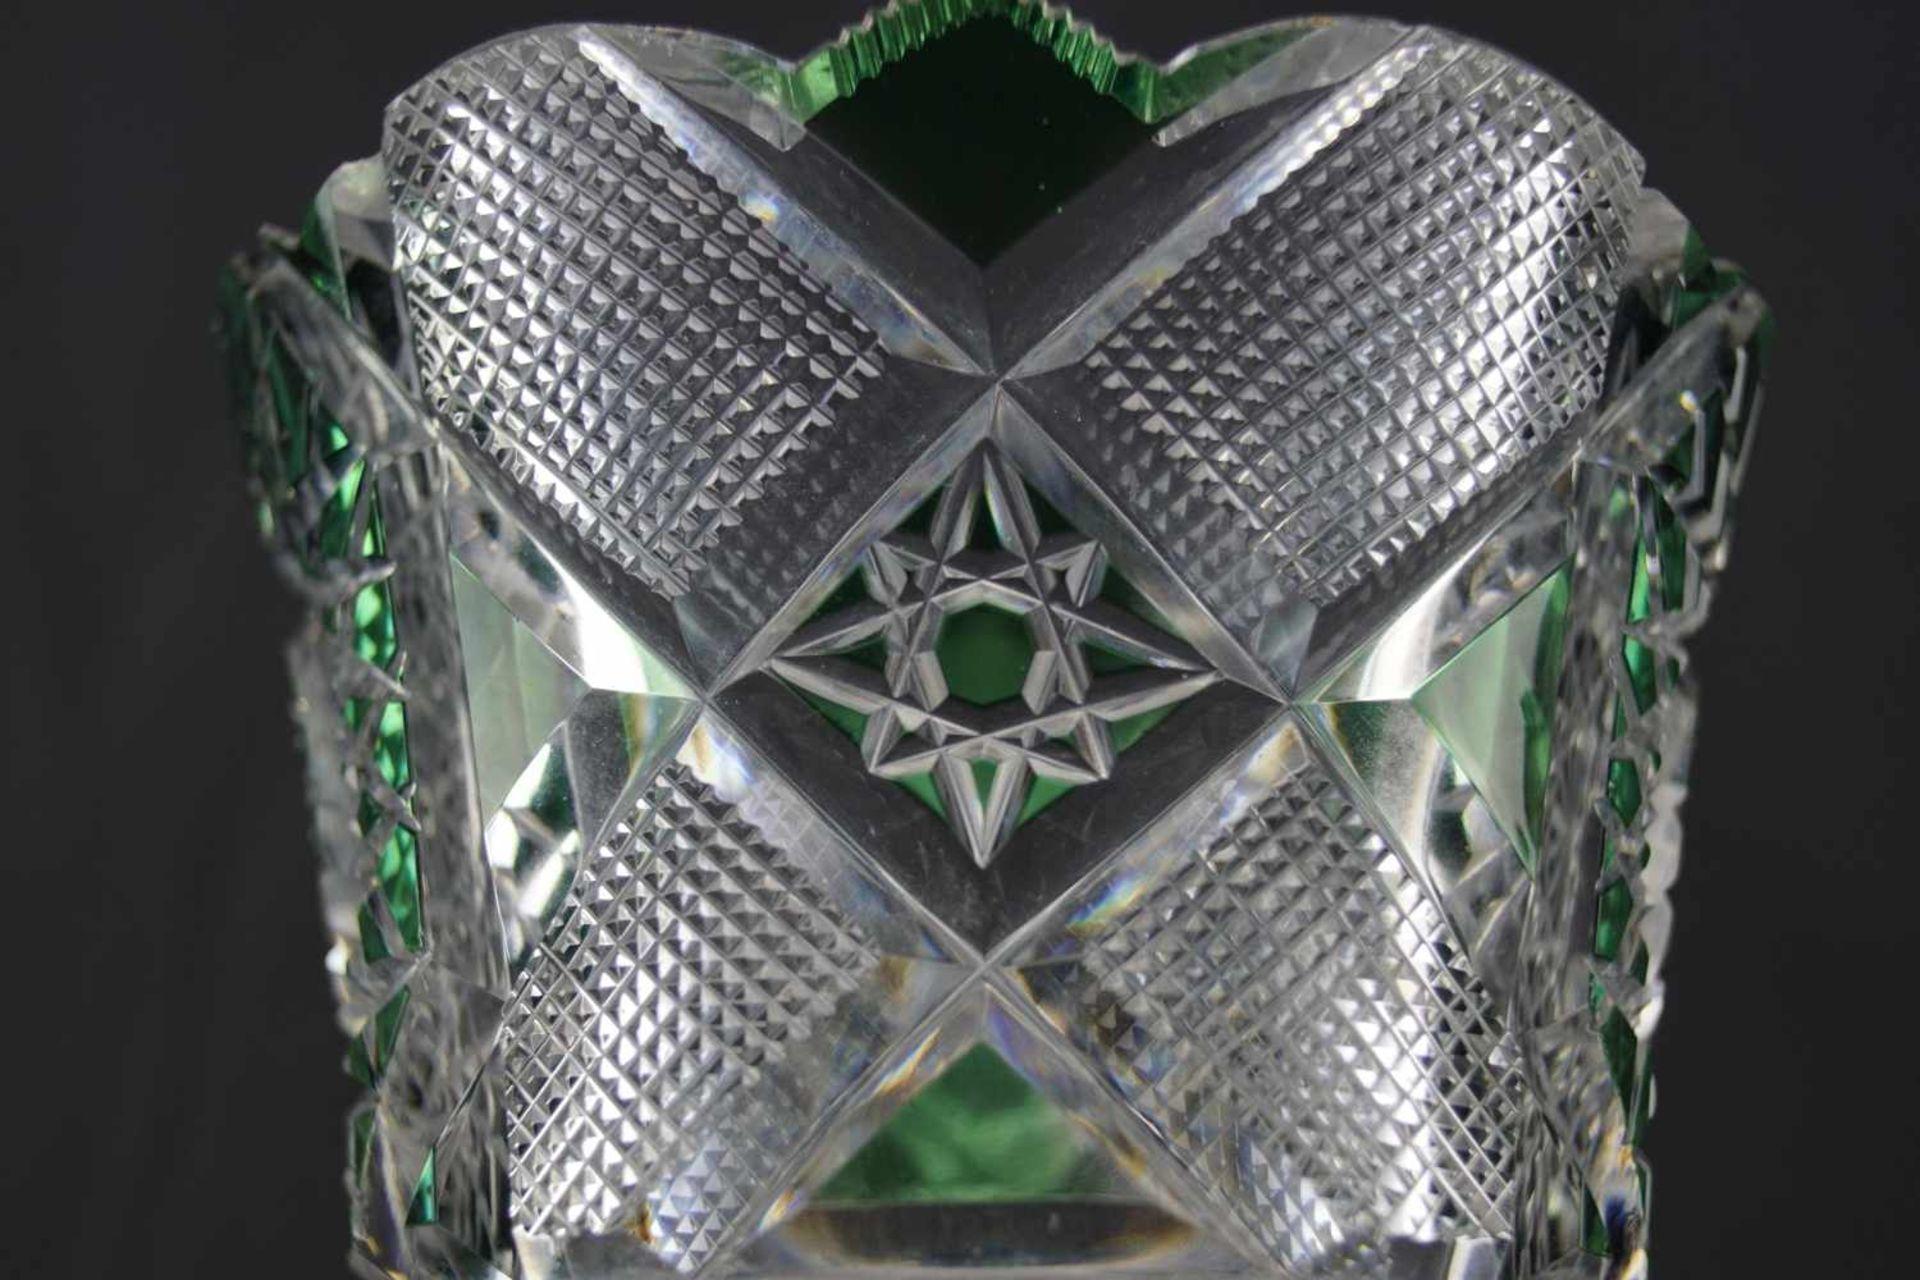 Vase aus Bleikristallglas grüngefärbte Flächen, Höhe 30,5 cm, einige Bestoßungen sind vorhanden - Bild 3 aus 3